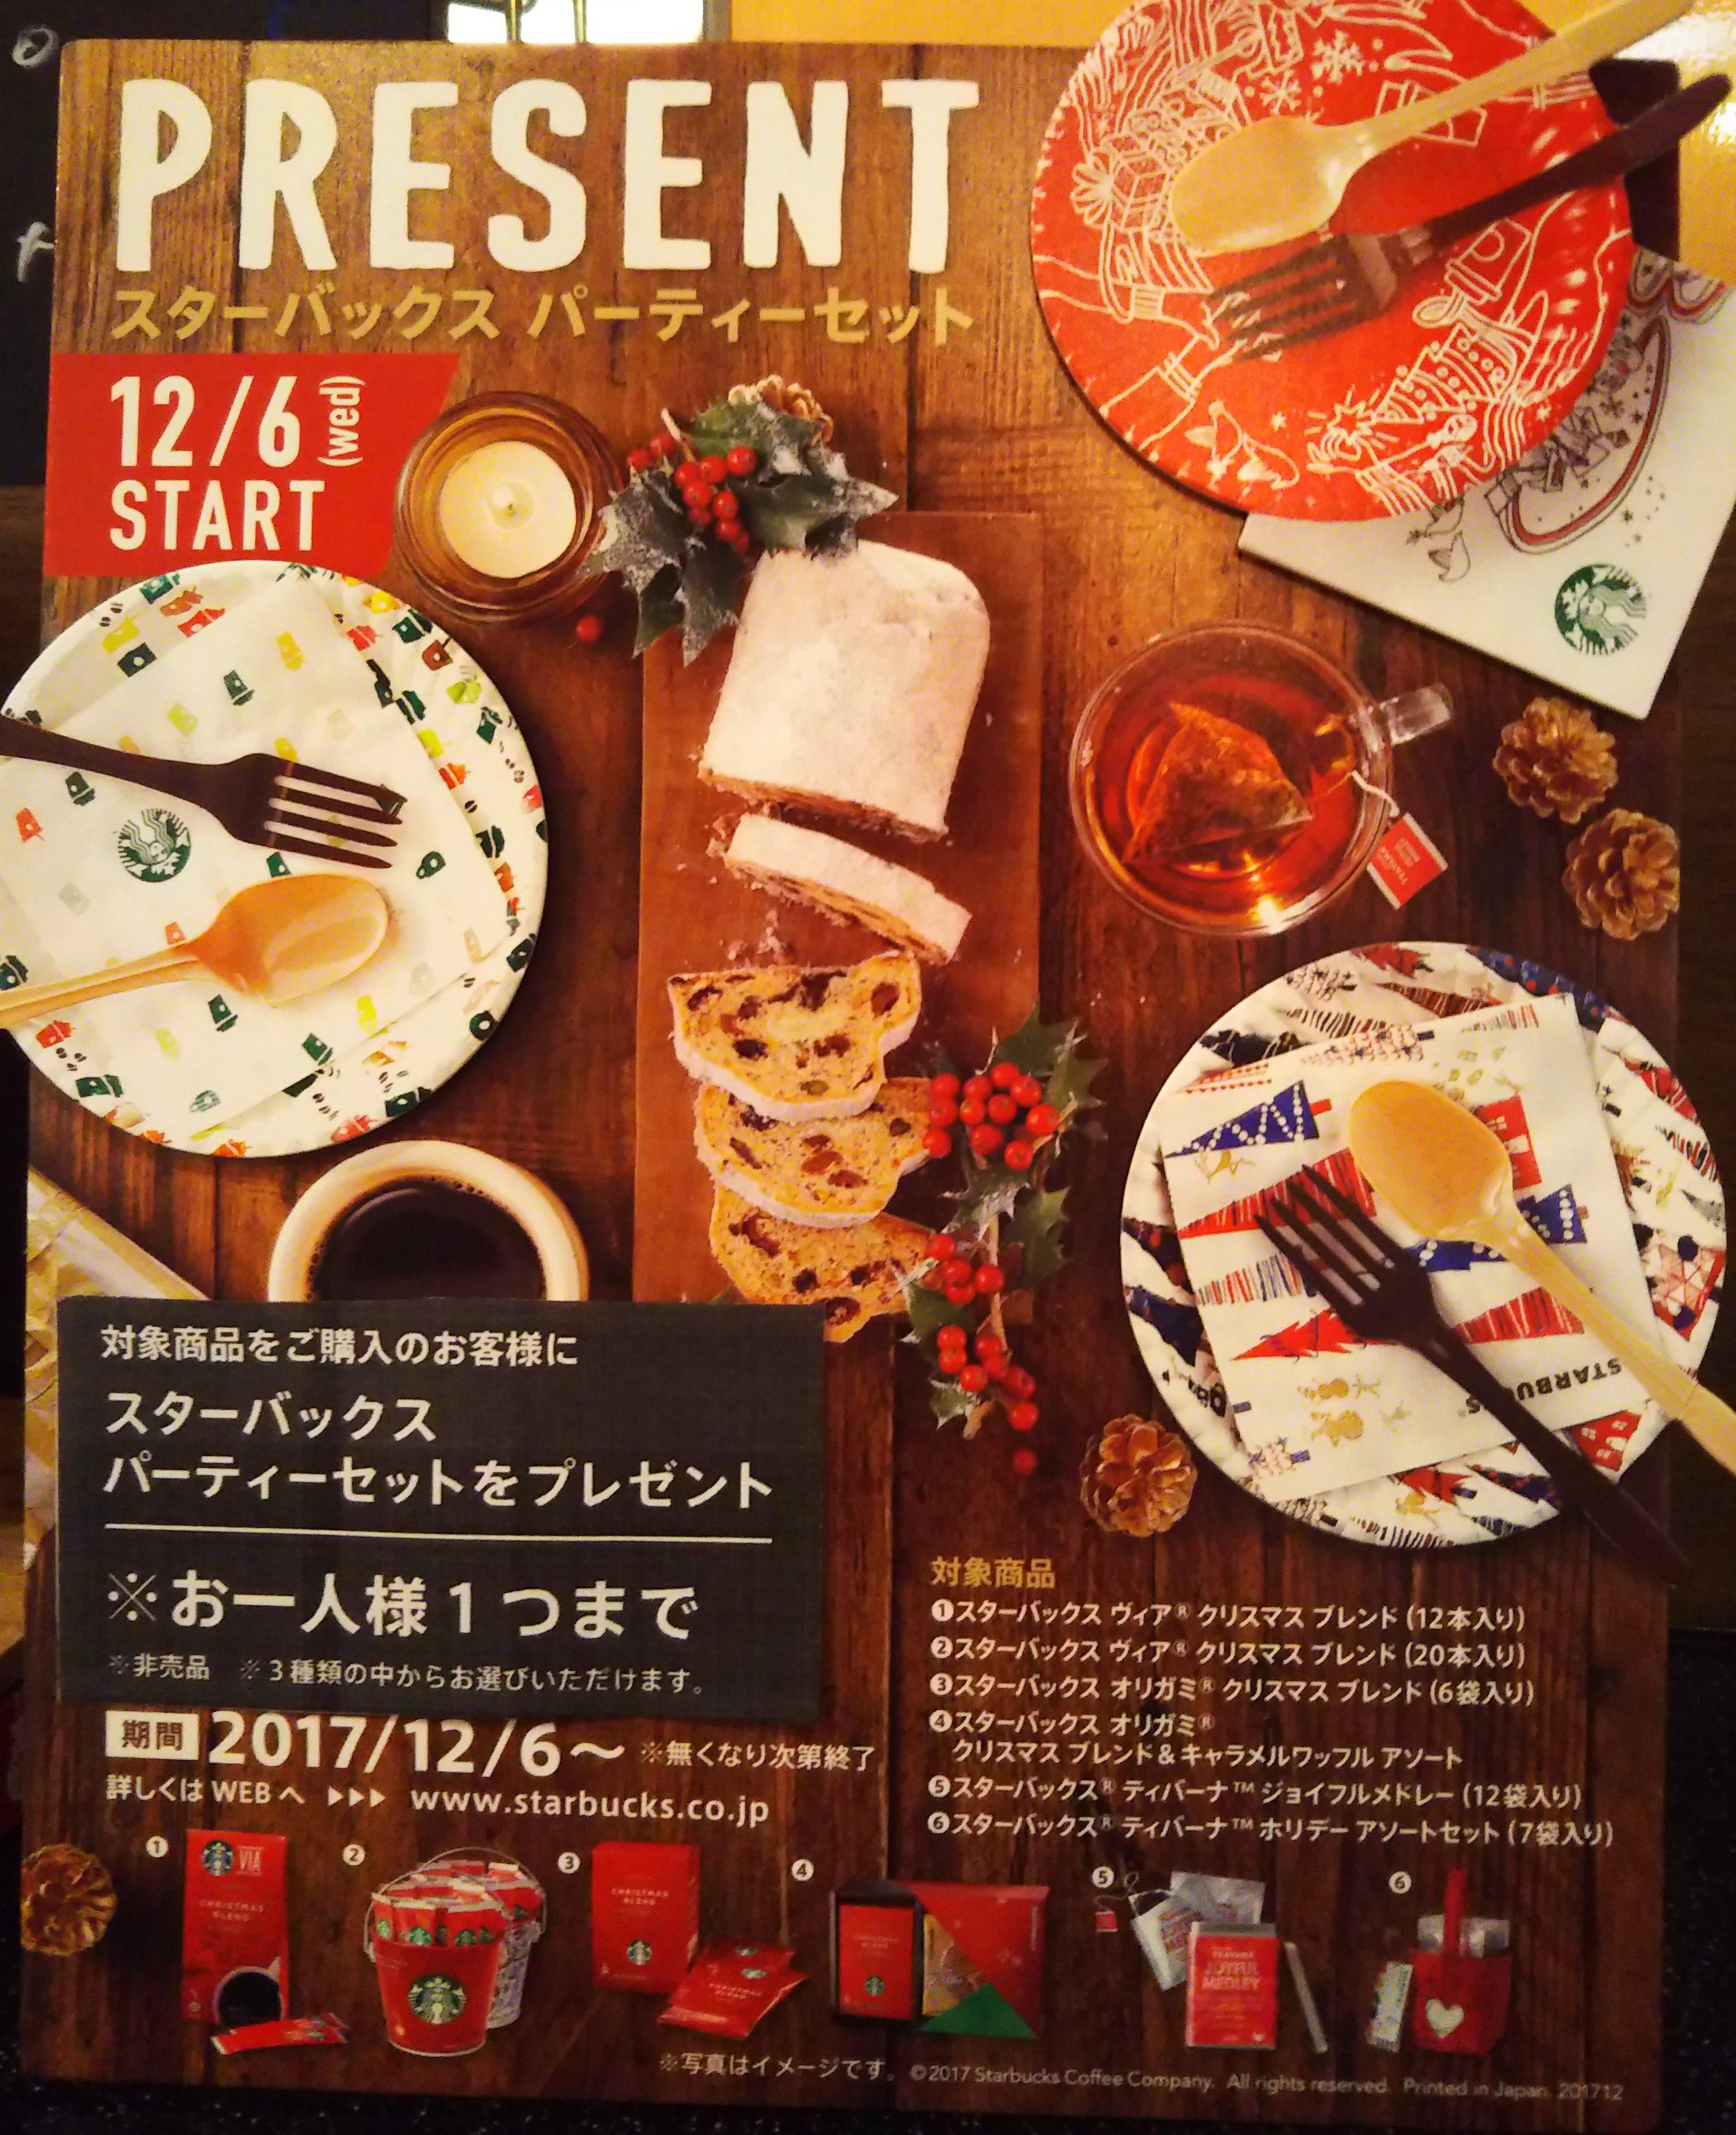 【スタバ】12月6日(水)から!先着で『パーティセット』もらえるよ★